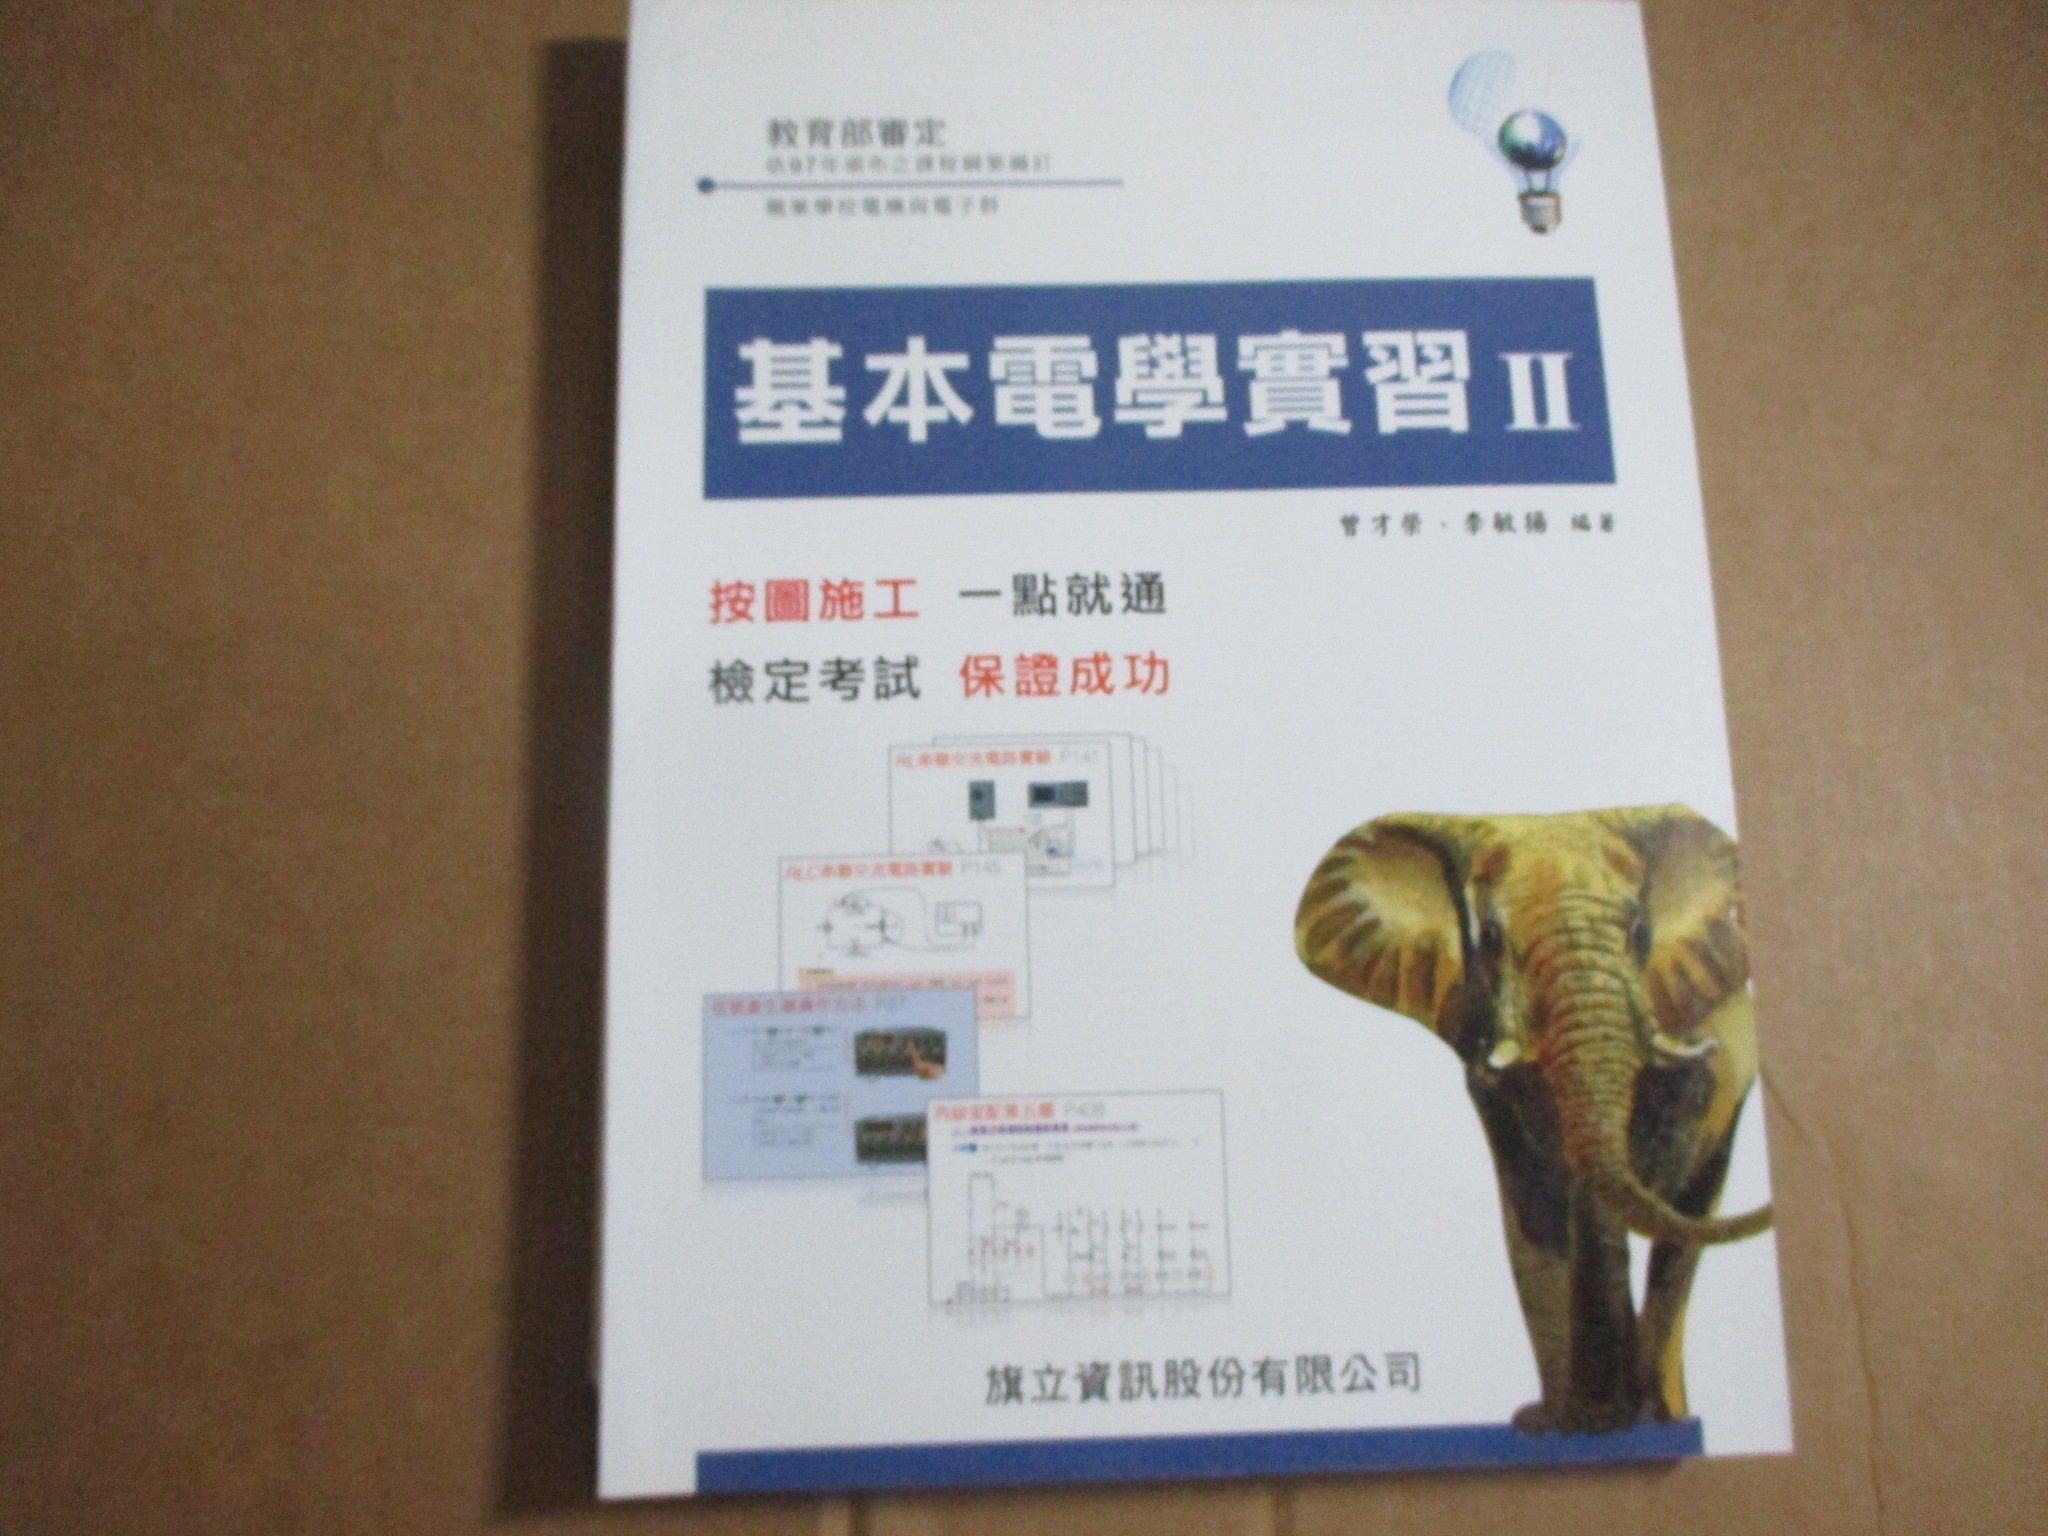 【鑽石城 書】高職教科書 99課綱 高職 電學實習 II 2 課本 旗立出版 2010 10 沒寫.